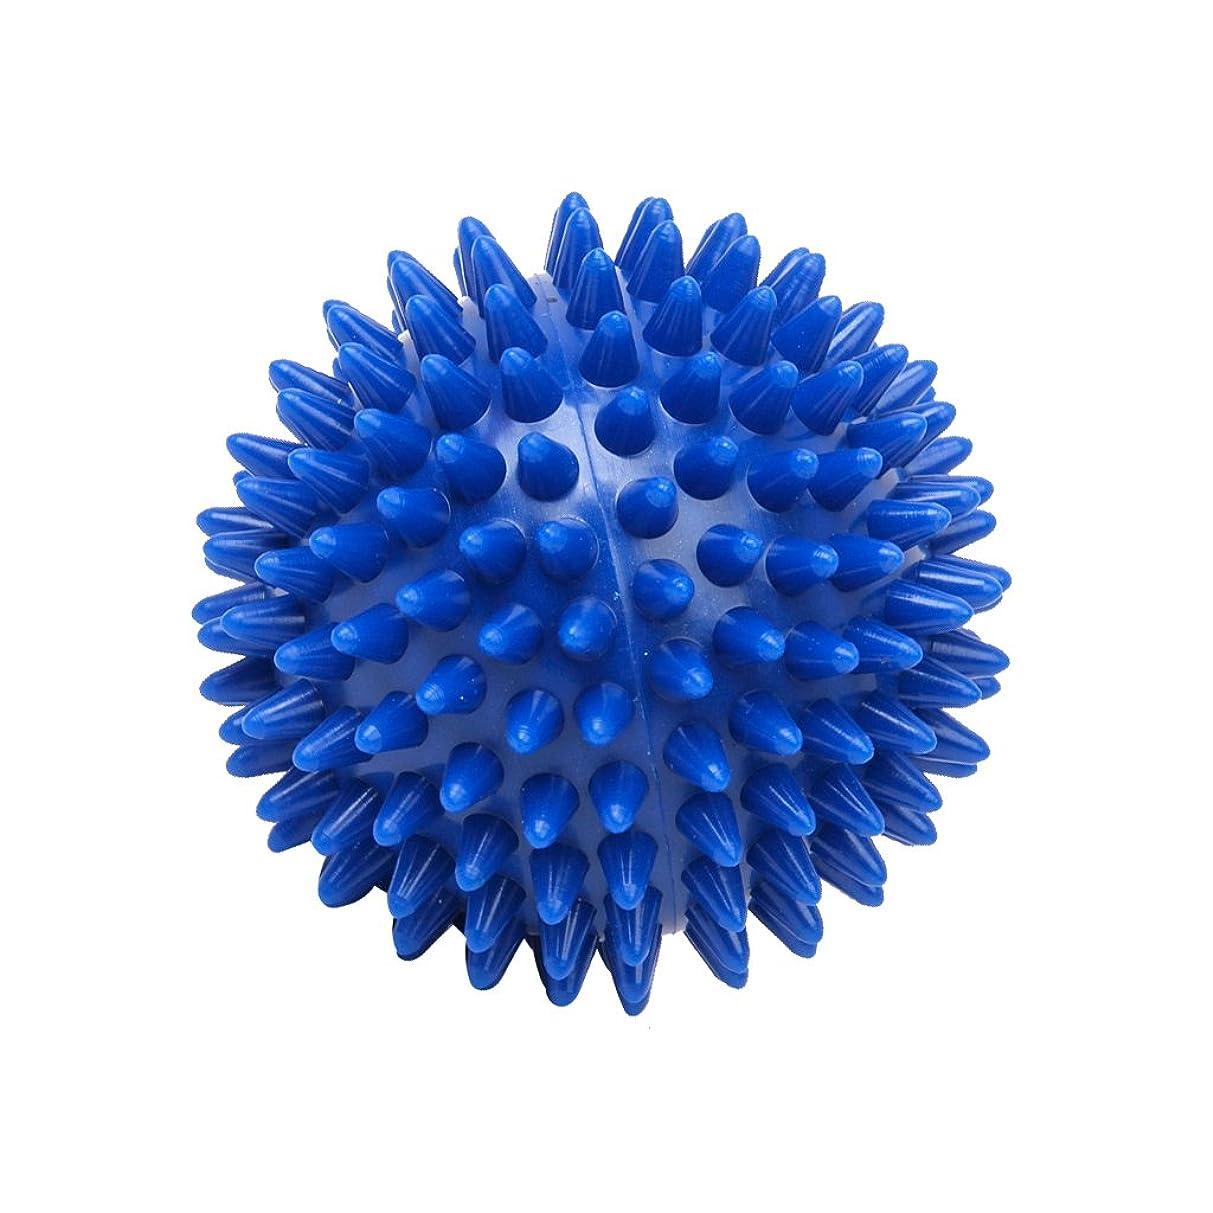 刑務所ロケーション日付付きFootful マッサージボール 健康グッズ 健康器具 血液循環促進 緊張緩和 7cm ブルー